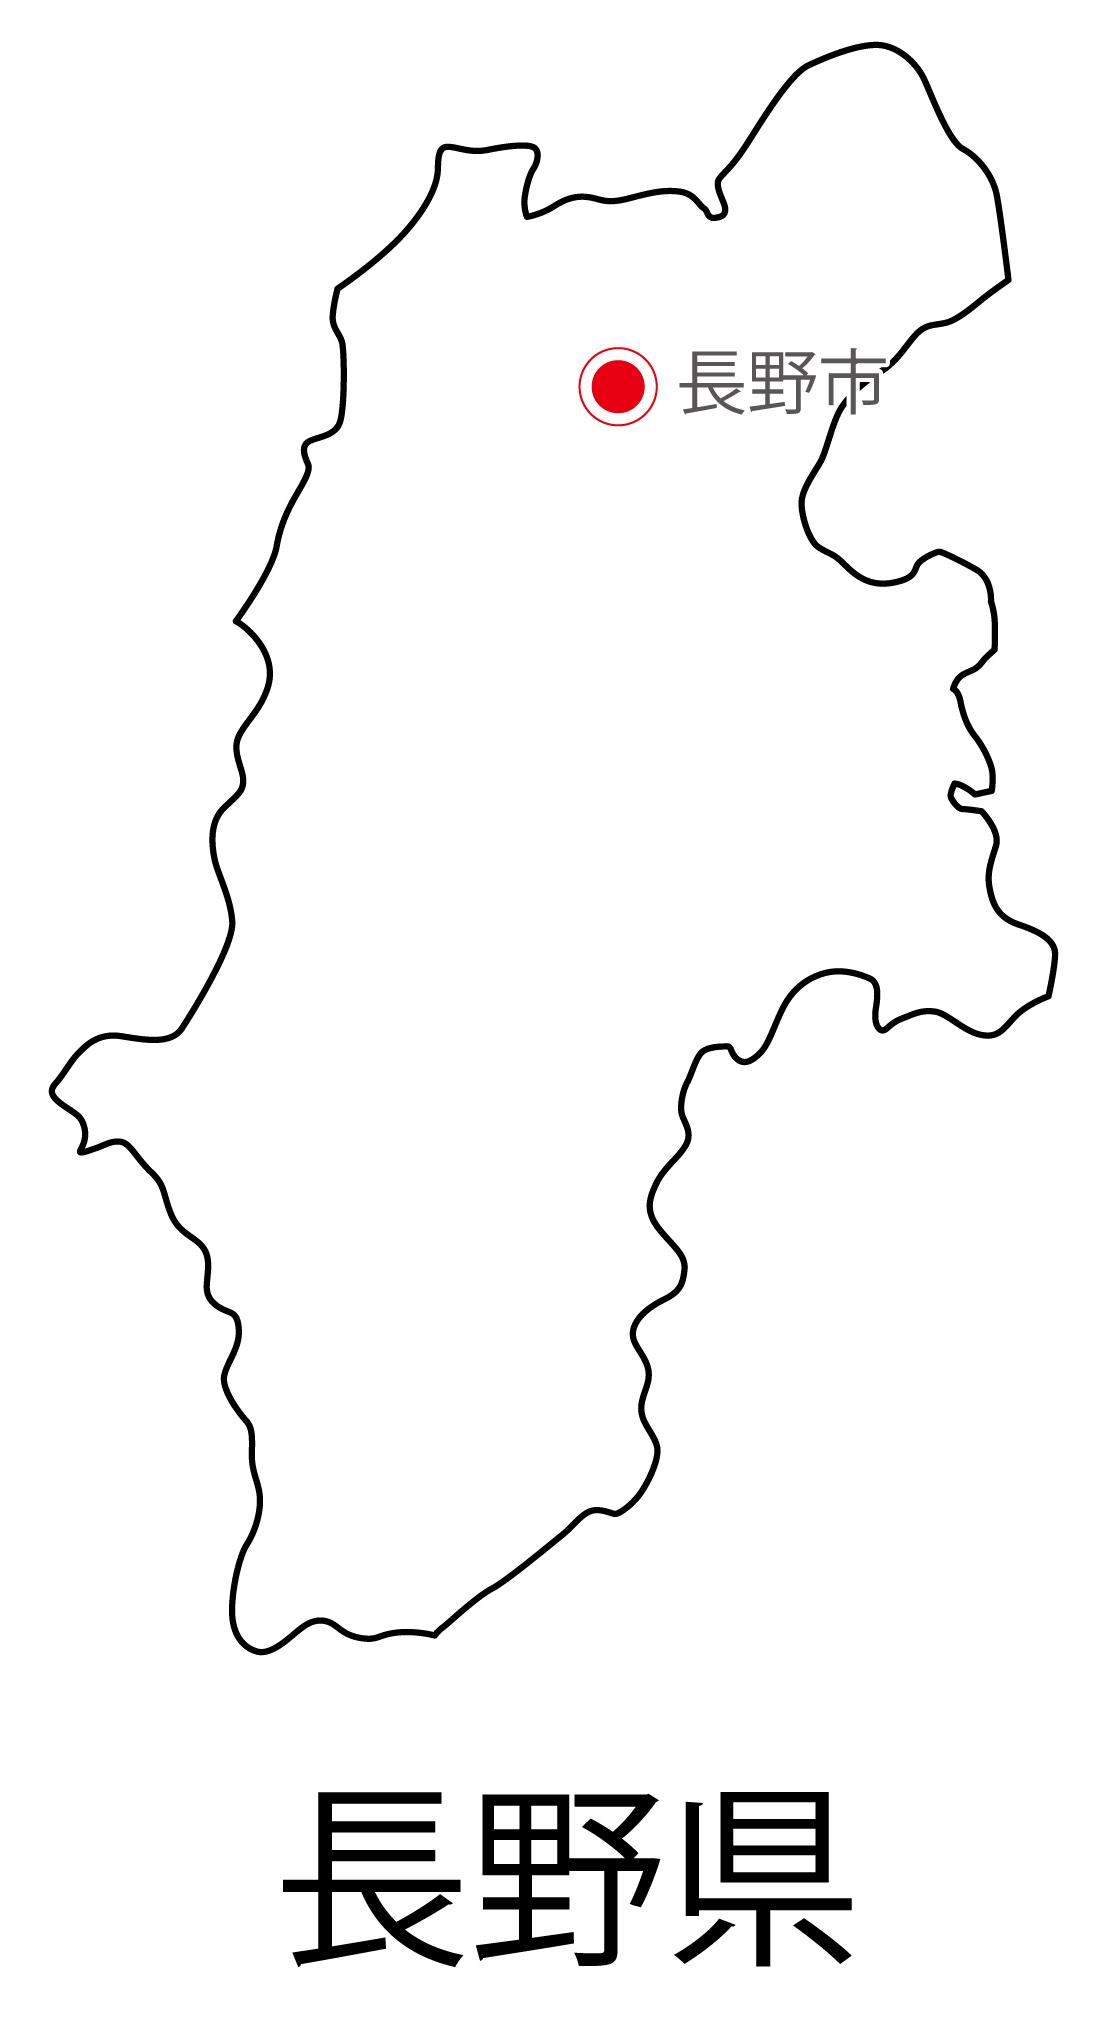 長野県無料フリーイラスト|日本語・都道府県名あり・県庁所在地あり(白)